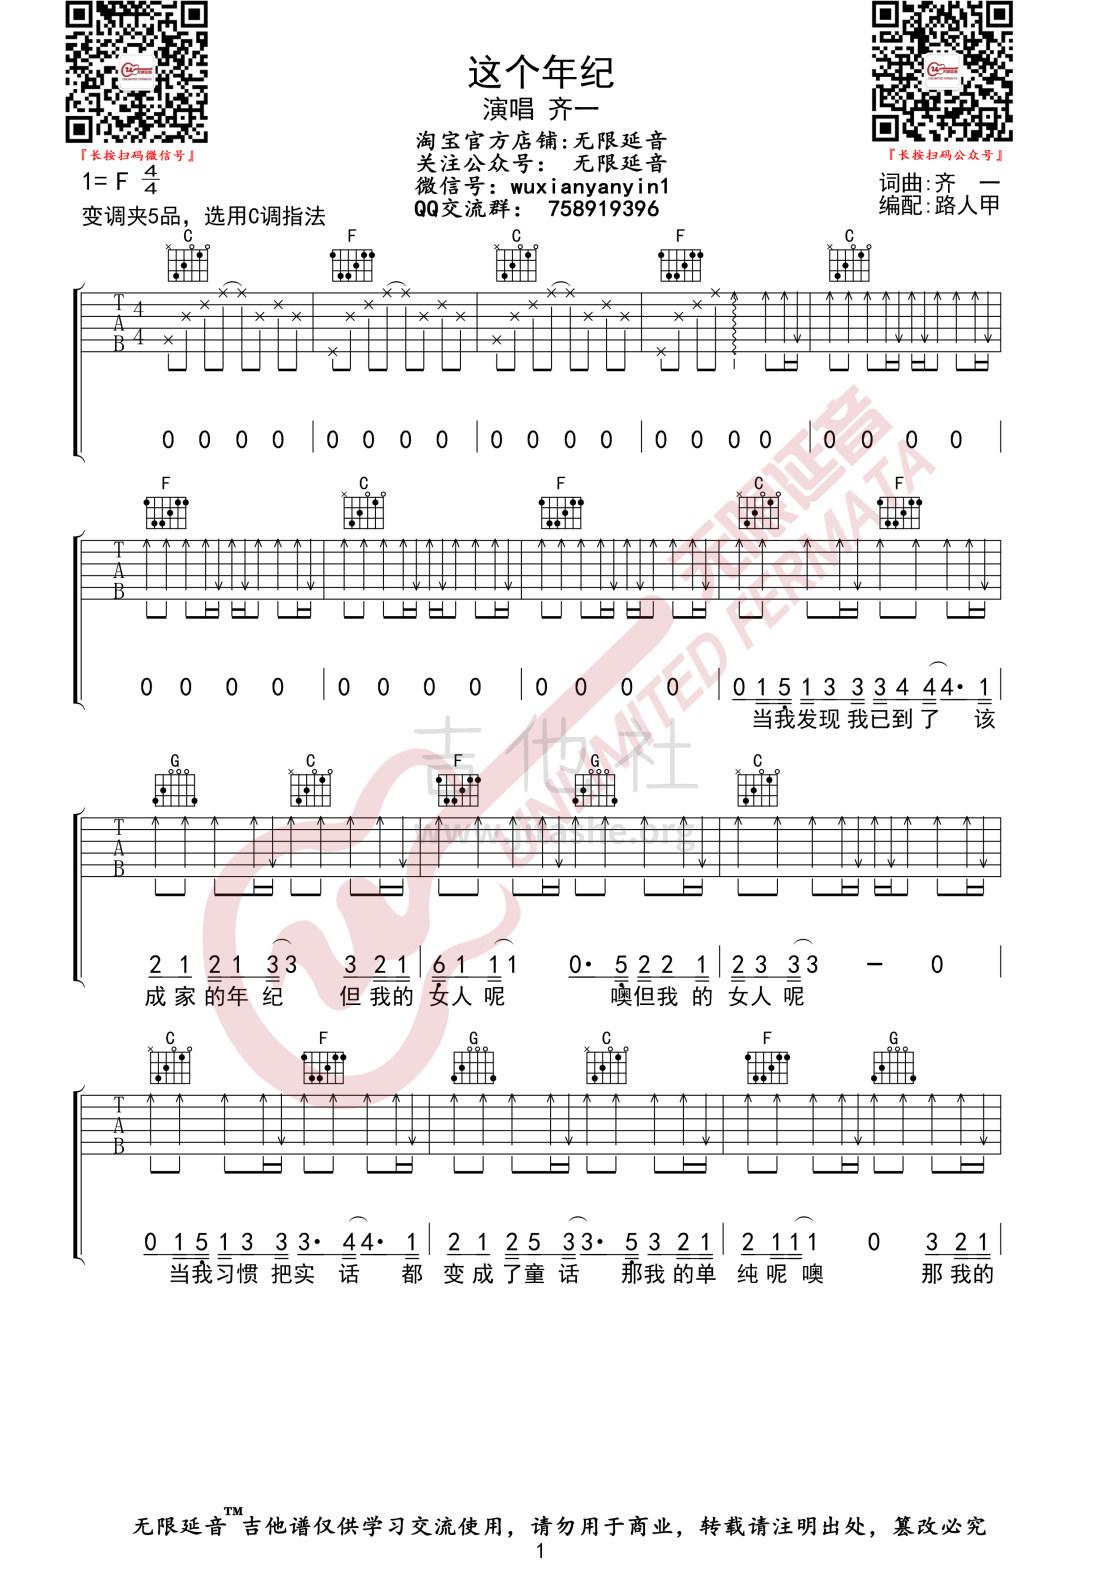 这个年纪 (无限延音编配)吉他谱(图片谱,无限延音编配,弹唱)_齐一_这个年纪01.jpg